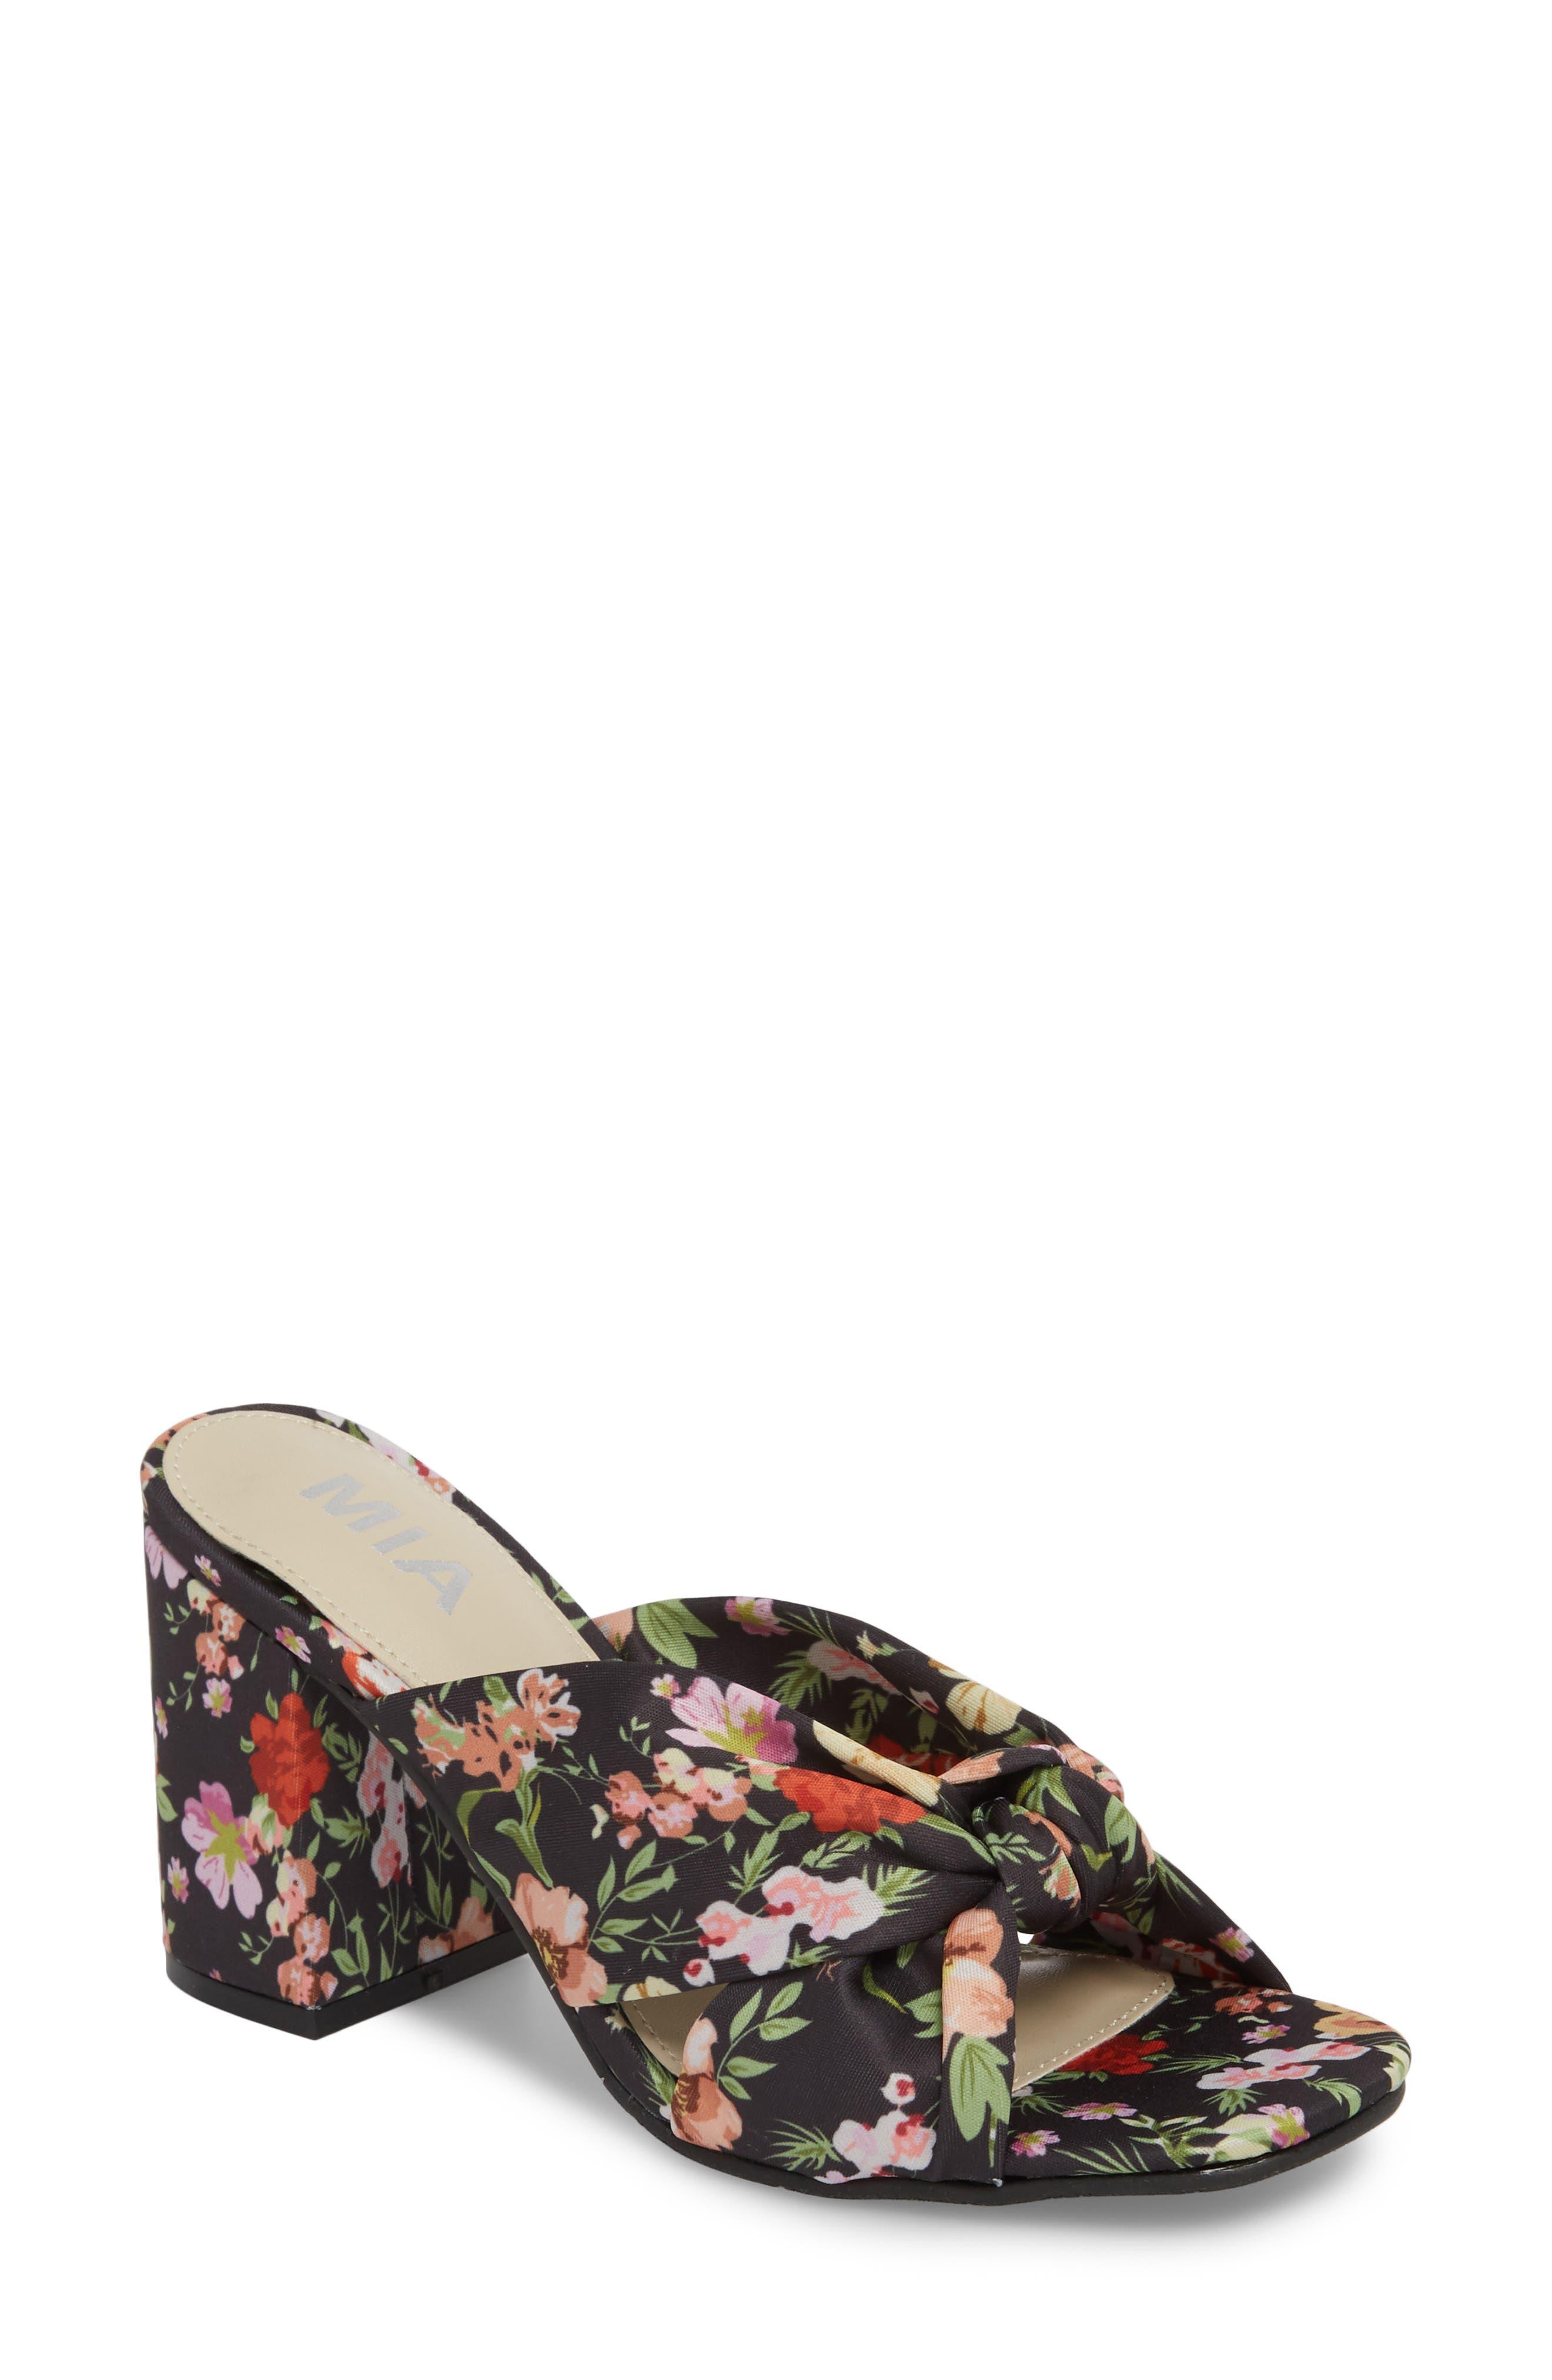 Collette Floral Sandal,                             Main thumbnail 1, color,                             Floral Matte